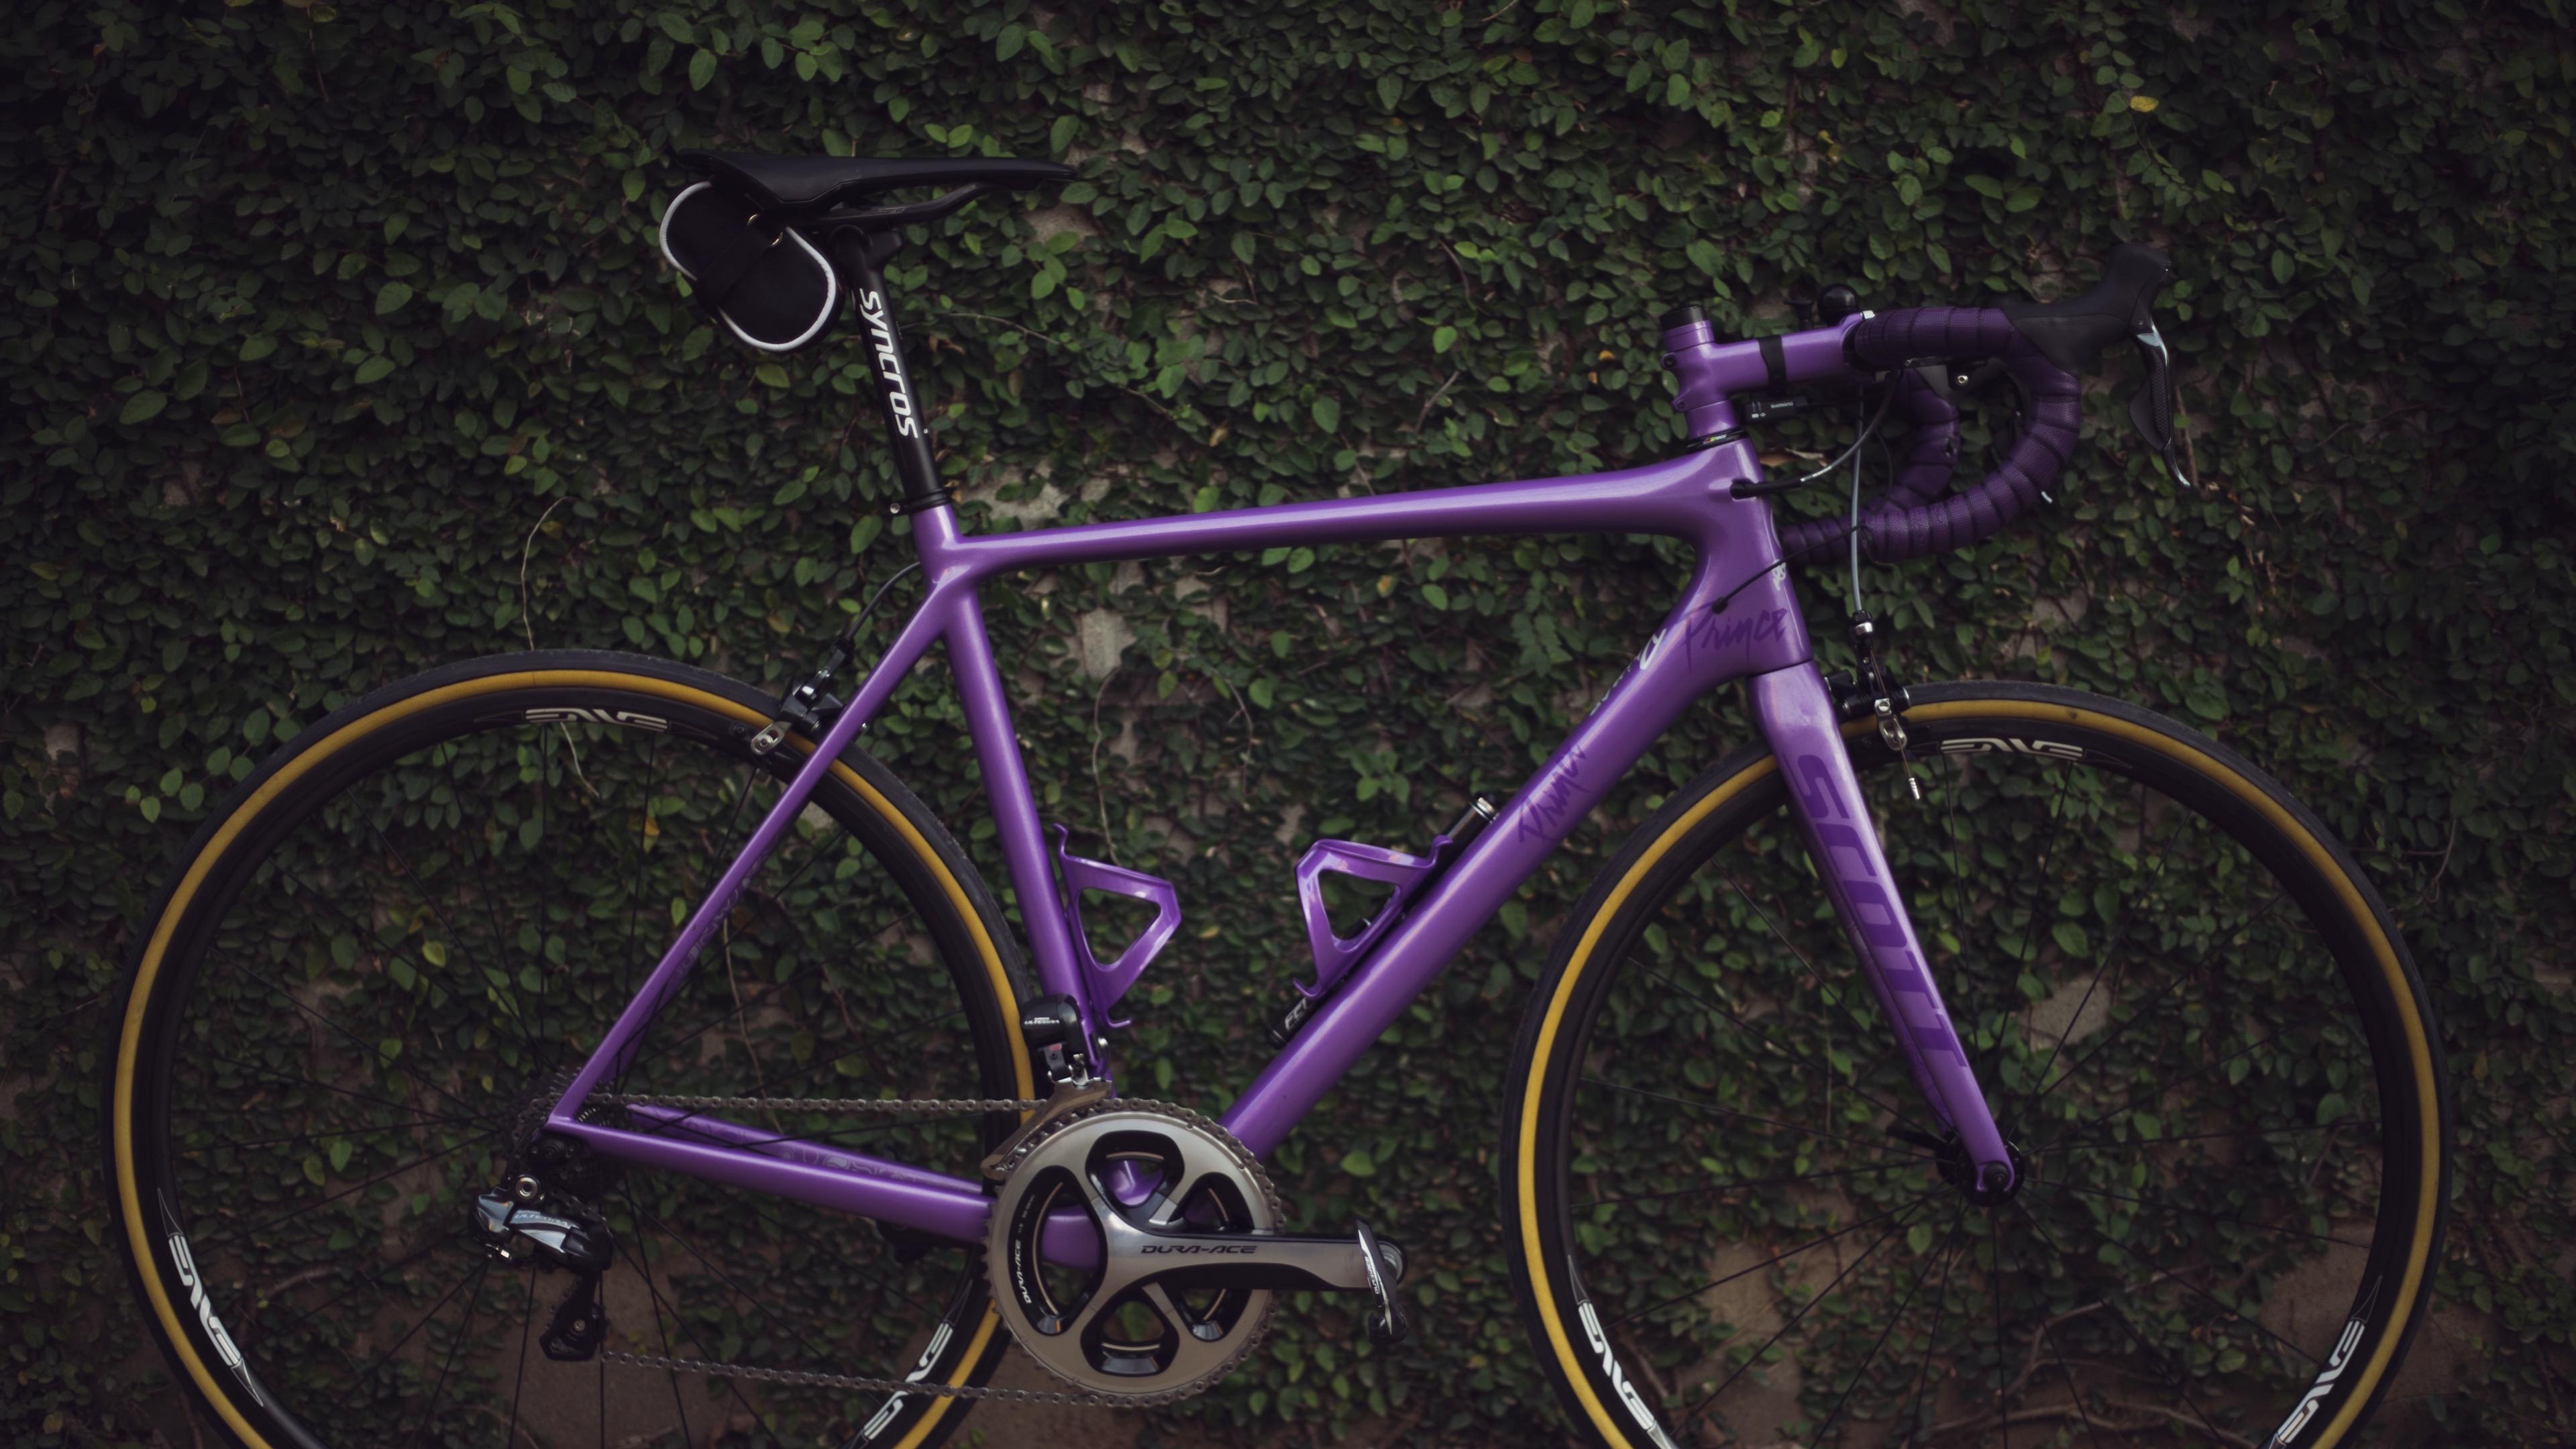 bike sport bushes 4k 1540060867 - bike, sport, bushes 4k - Sport, bushes, Bike